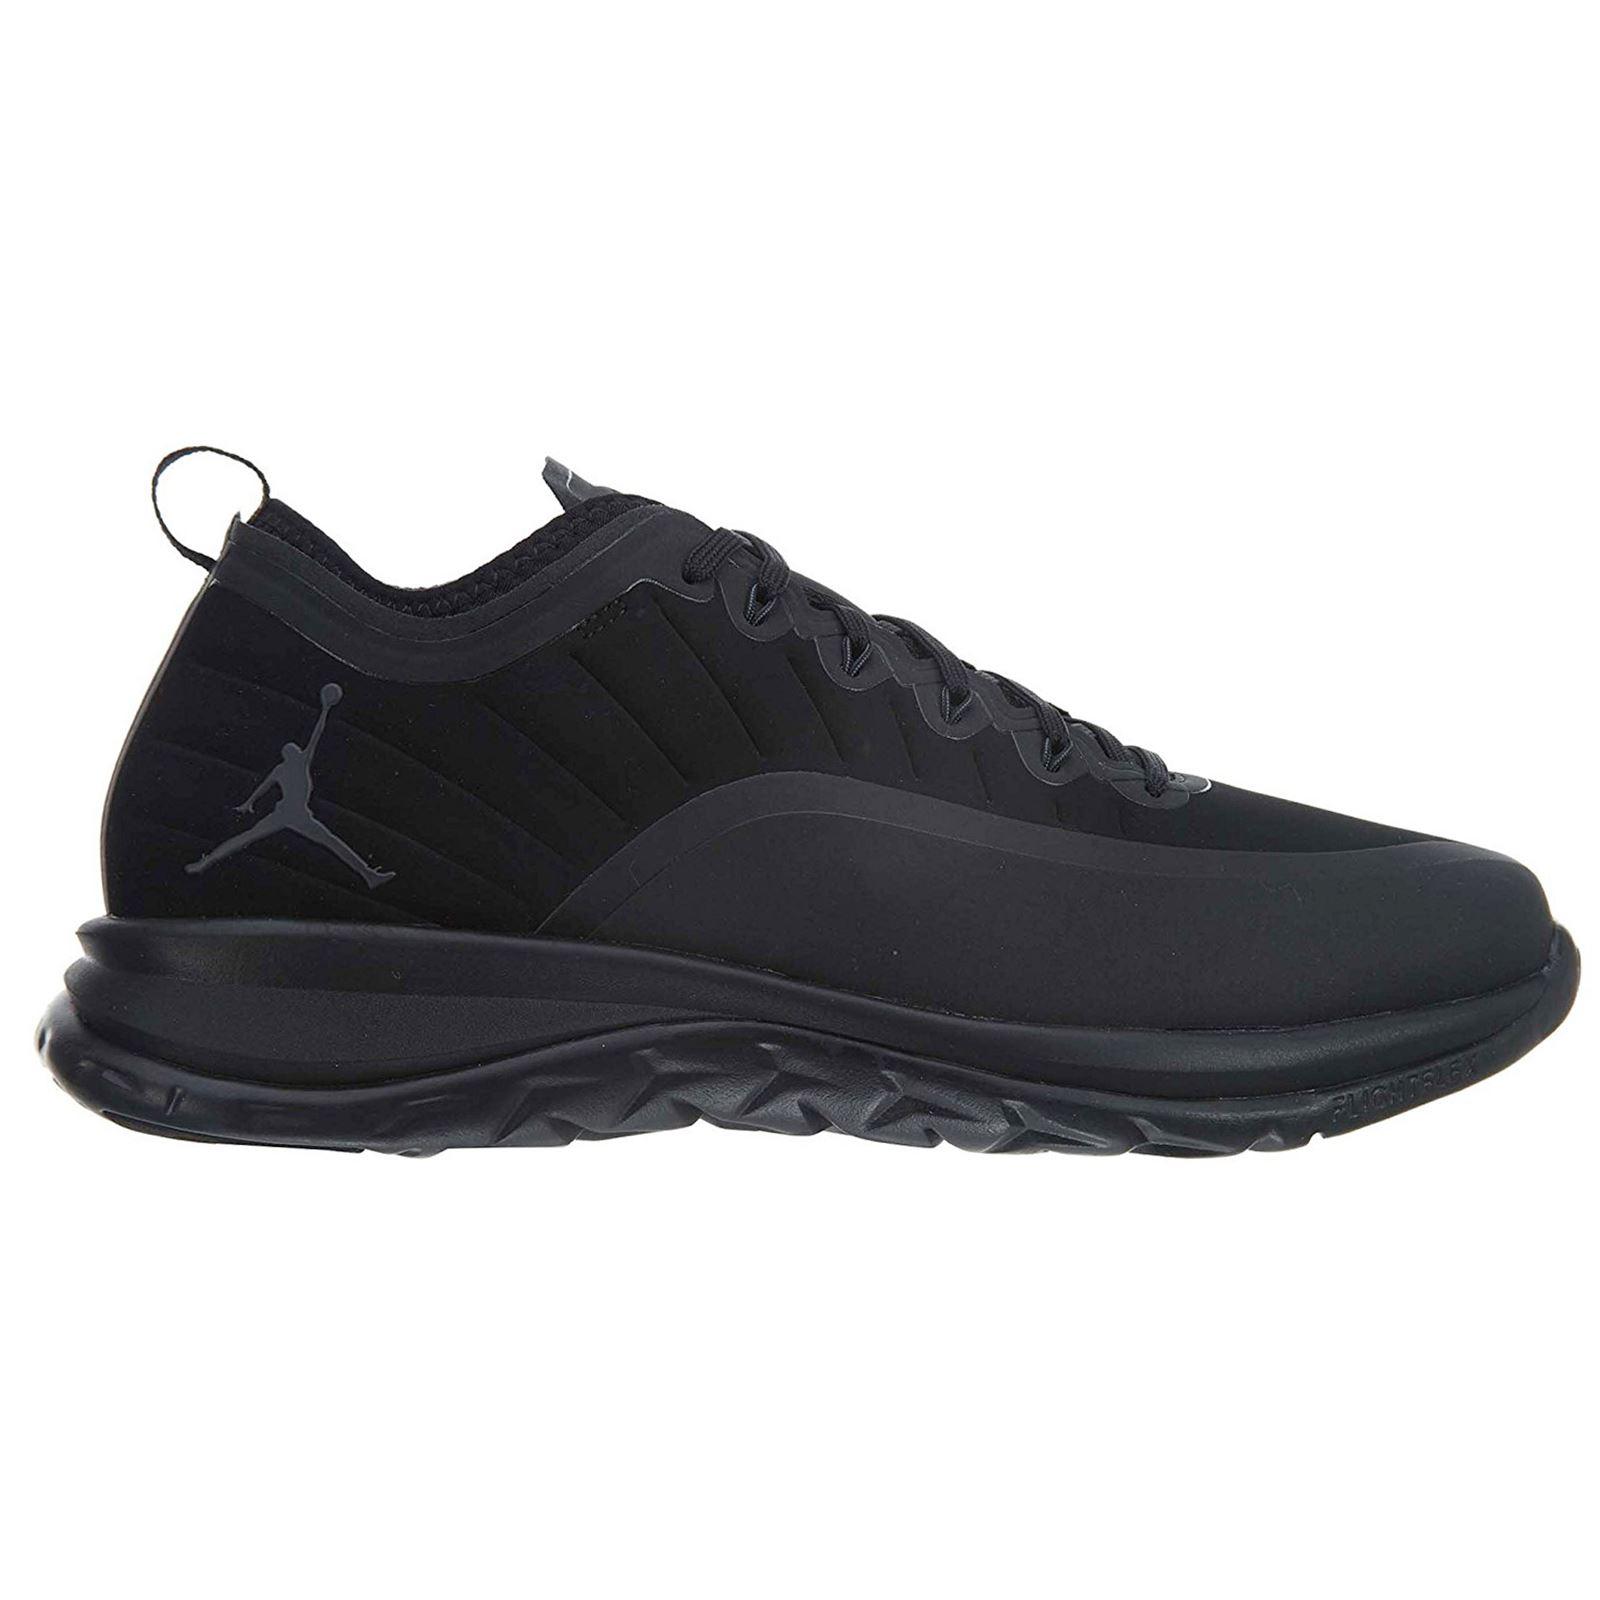 Nike-Jordan-Trainer-Prime-Black-Anthracite-Mens-Sneakers-Low-Top-Trainers